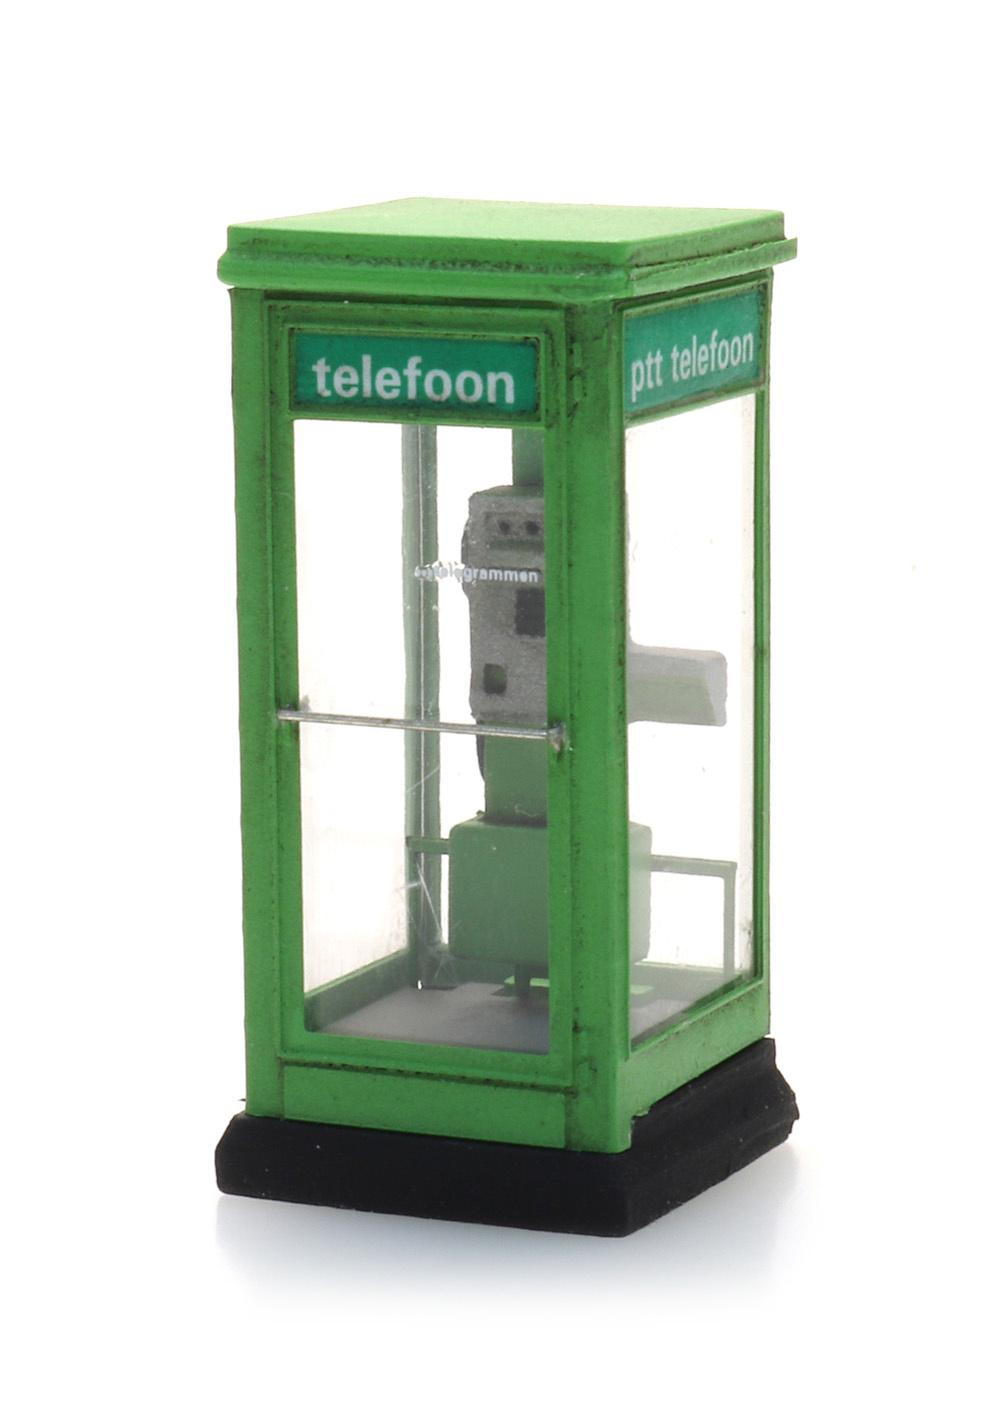 Telefonzelle PTT-Grün 80-90er Jahre